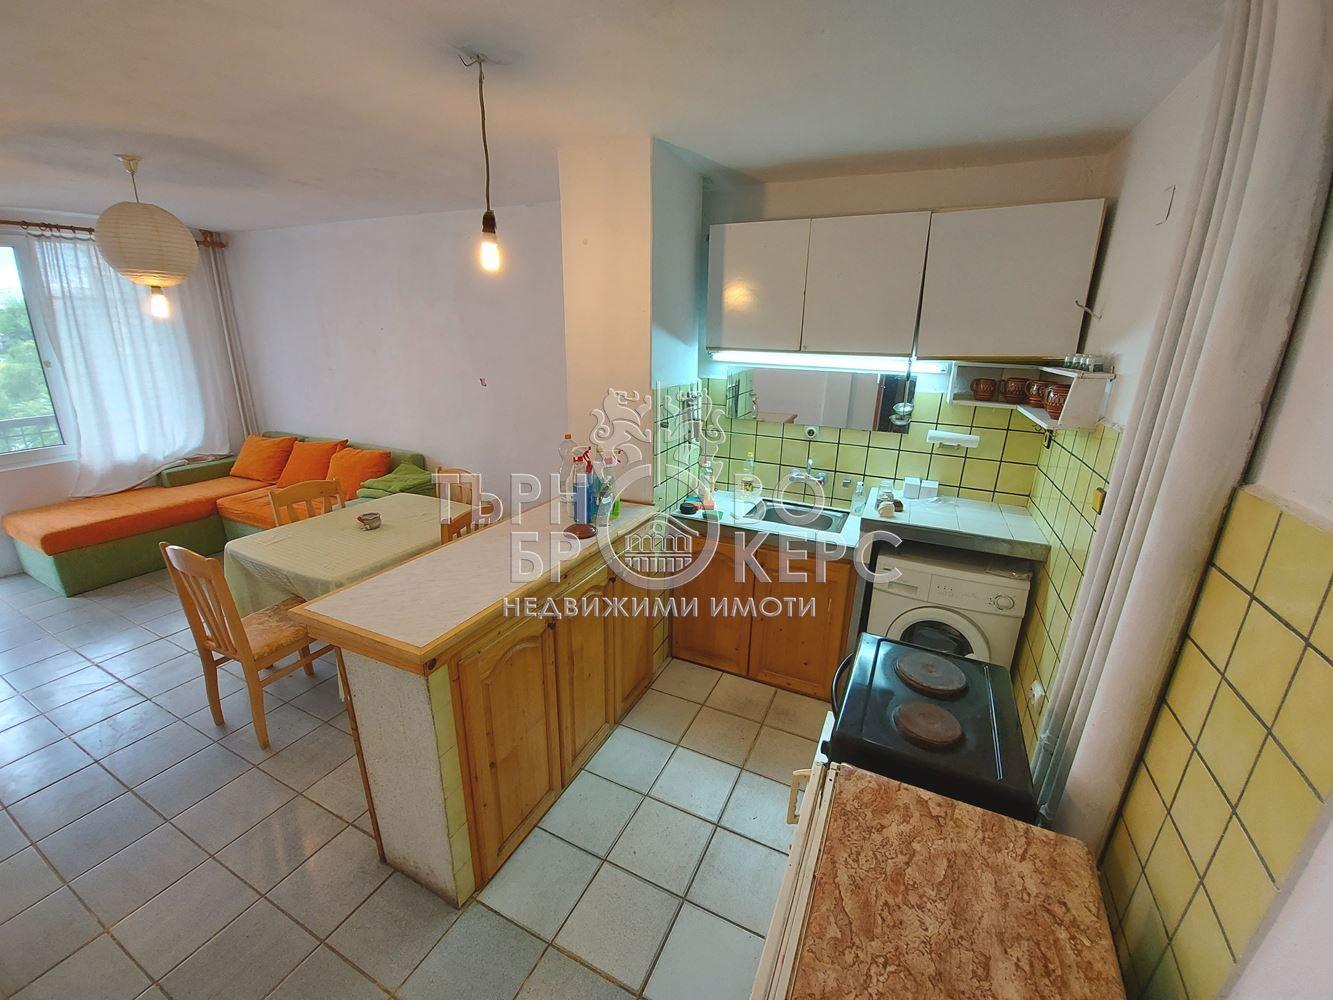 Тристаен апартамент  във  Велико Търново за 320  лв - Тристаен тухлен